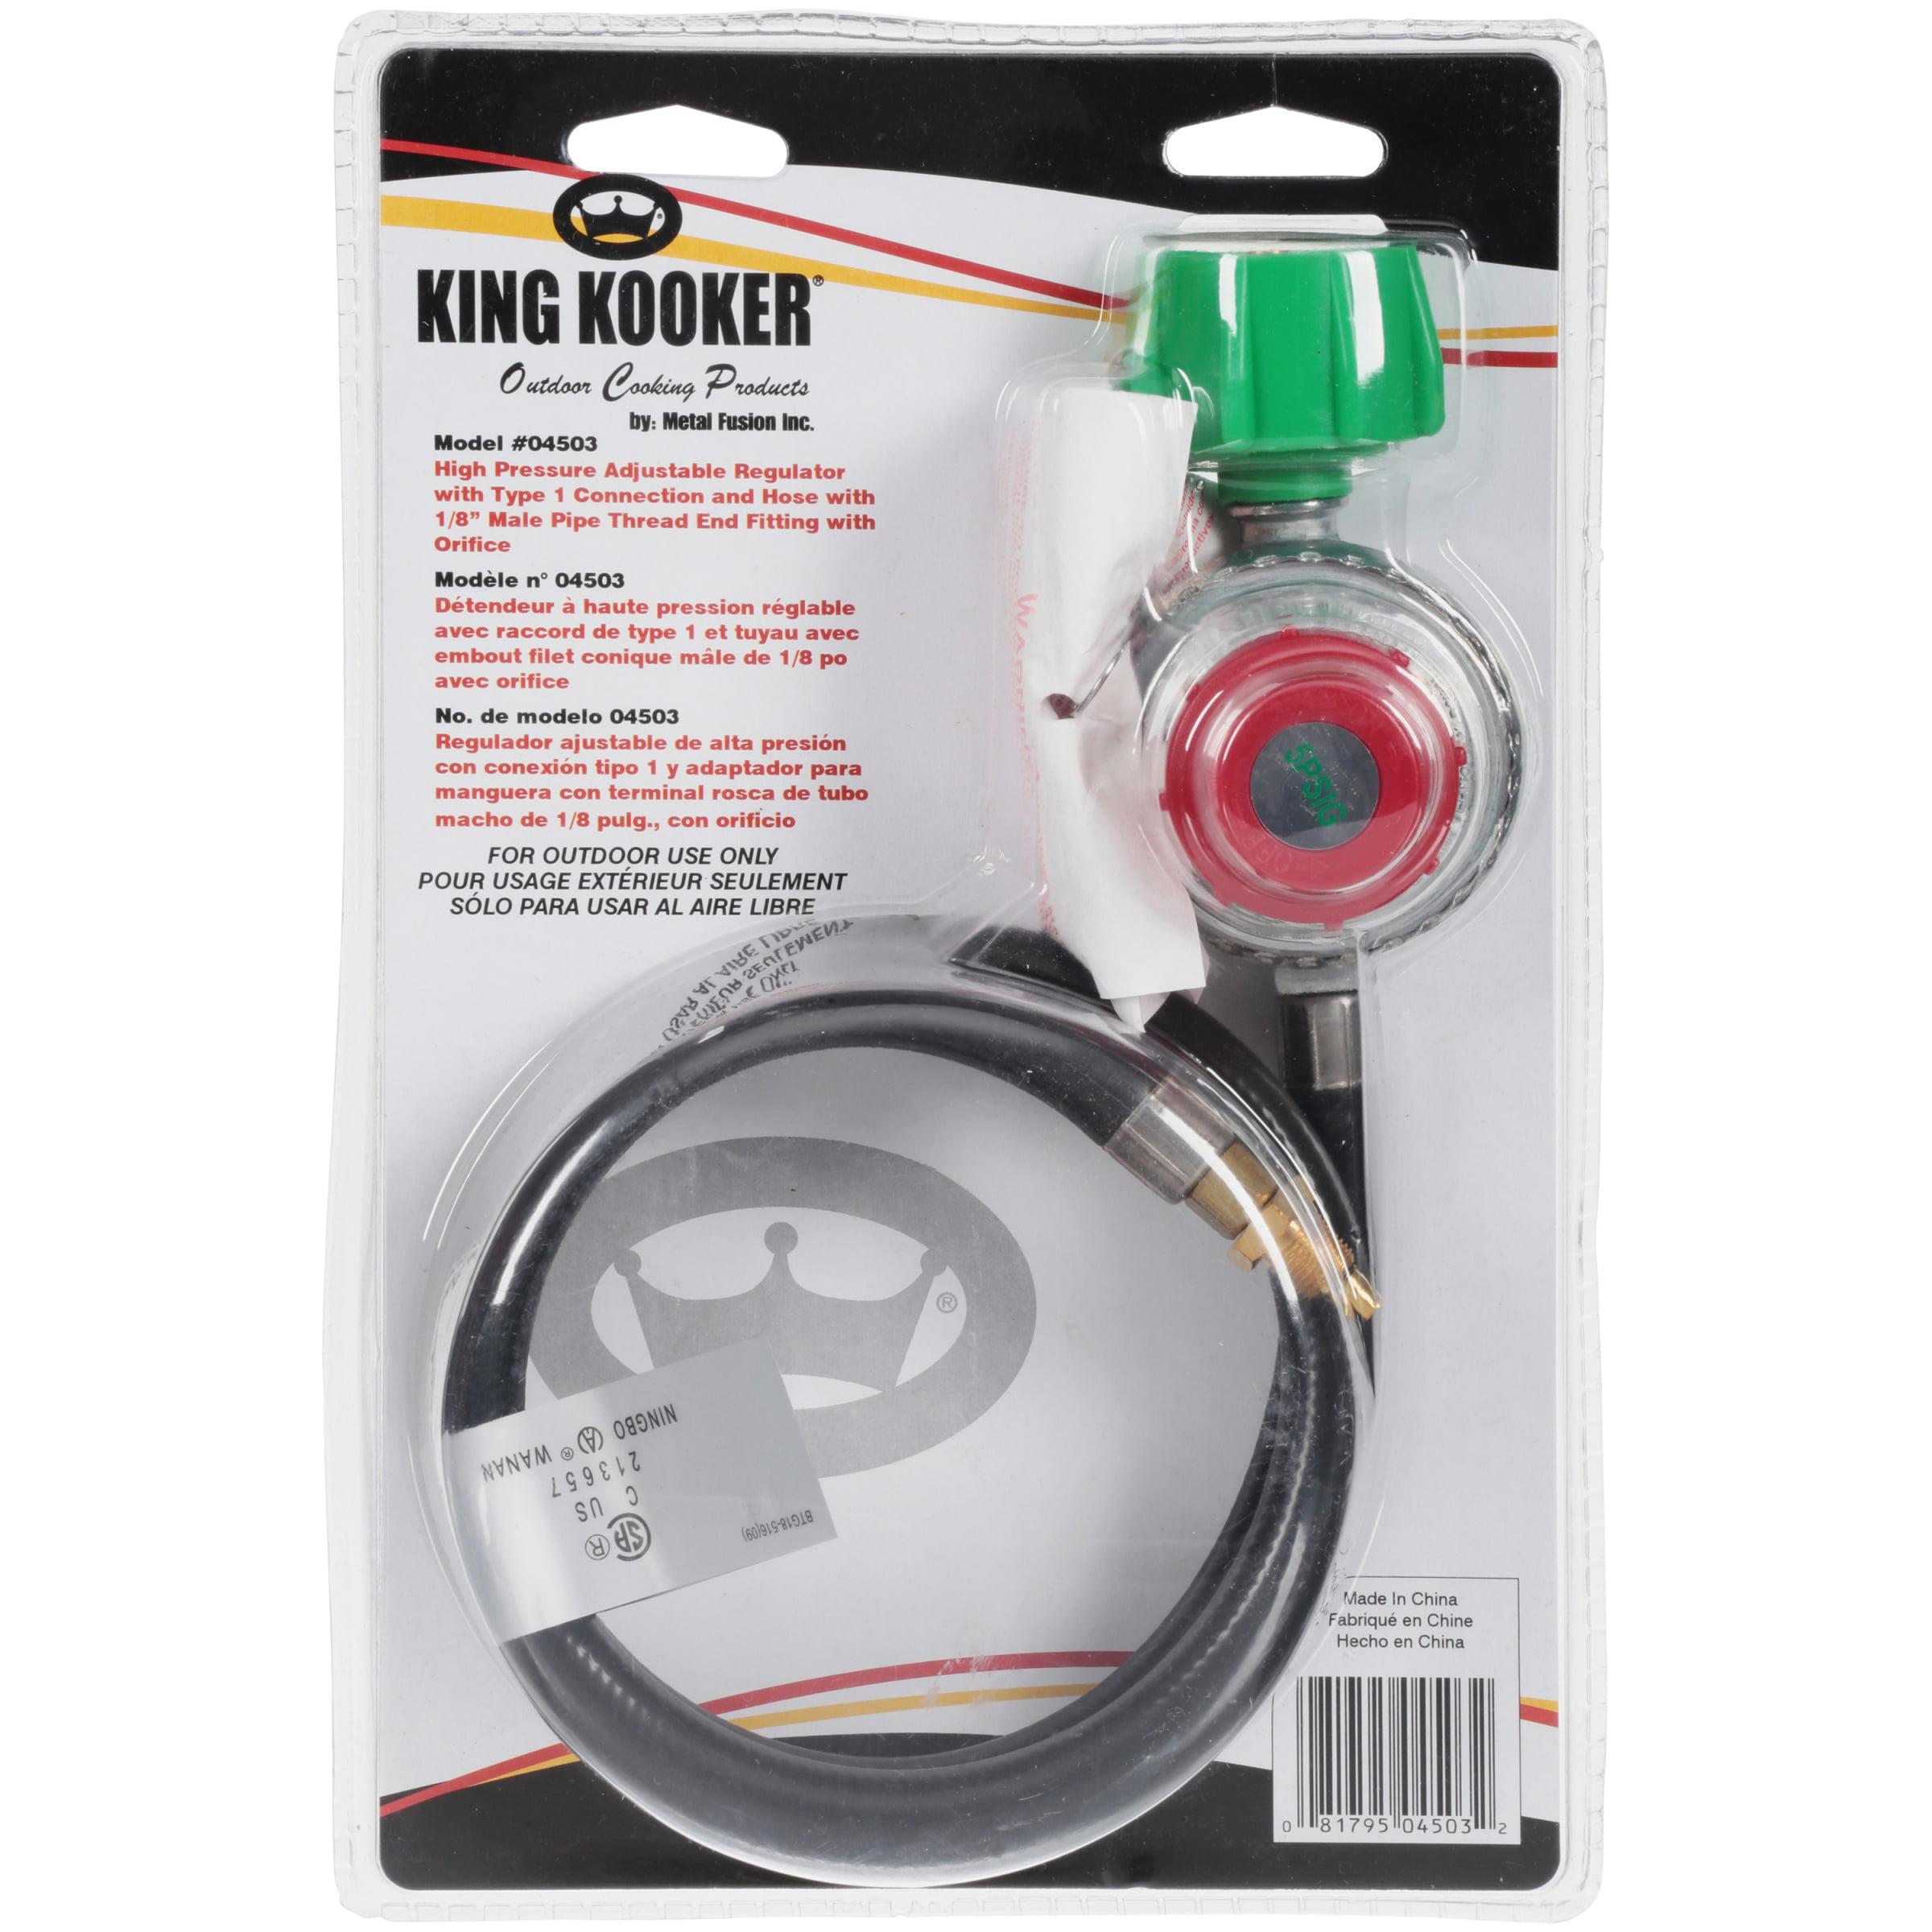 King Kooker High Pressure Grill Regulator Type 1 Connection Manual Valve 2 Hose